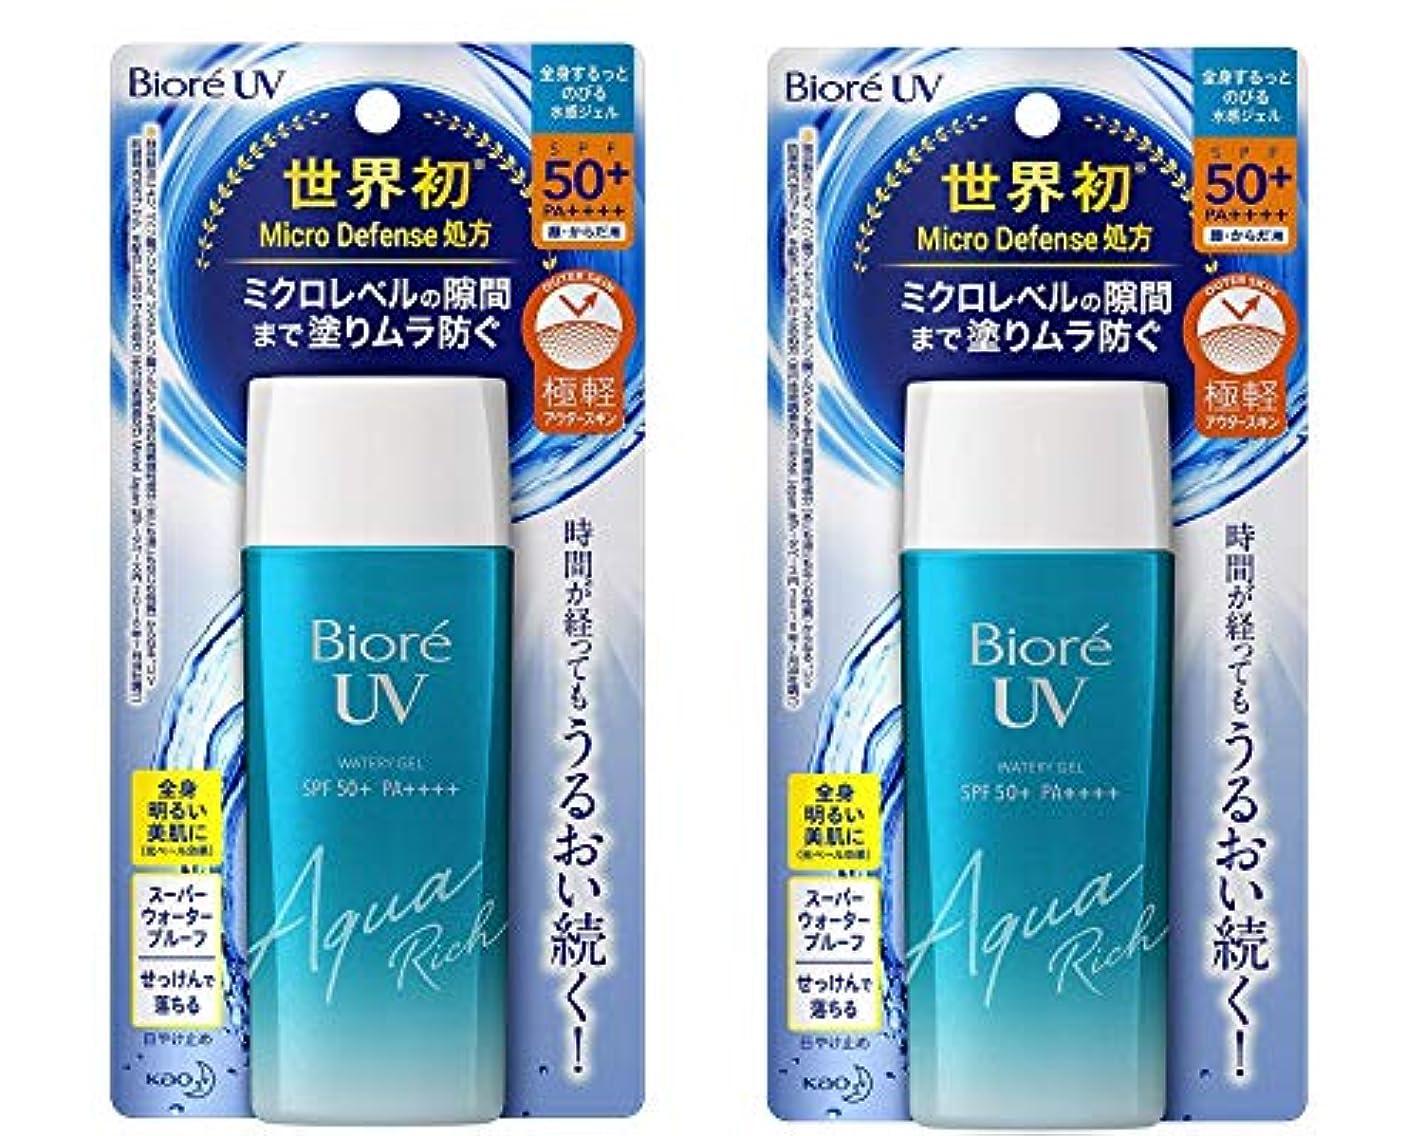 紫の忍耐クラシカル【まとめ販売2個セット】ビオレ UV アクアリッチ ウォータリージェル SPF50+